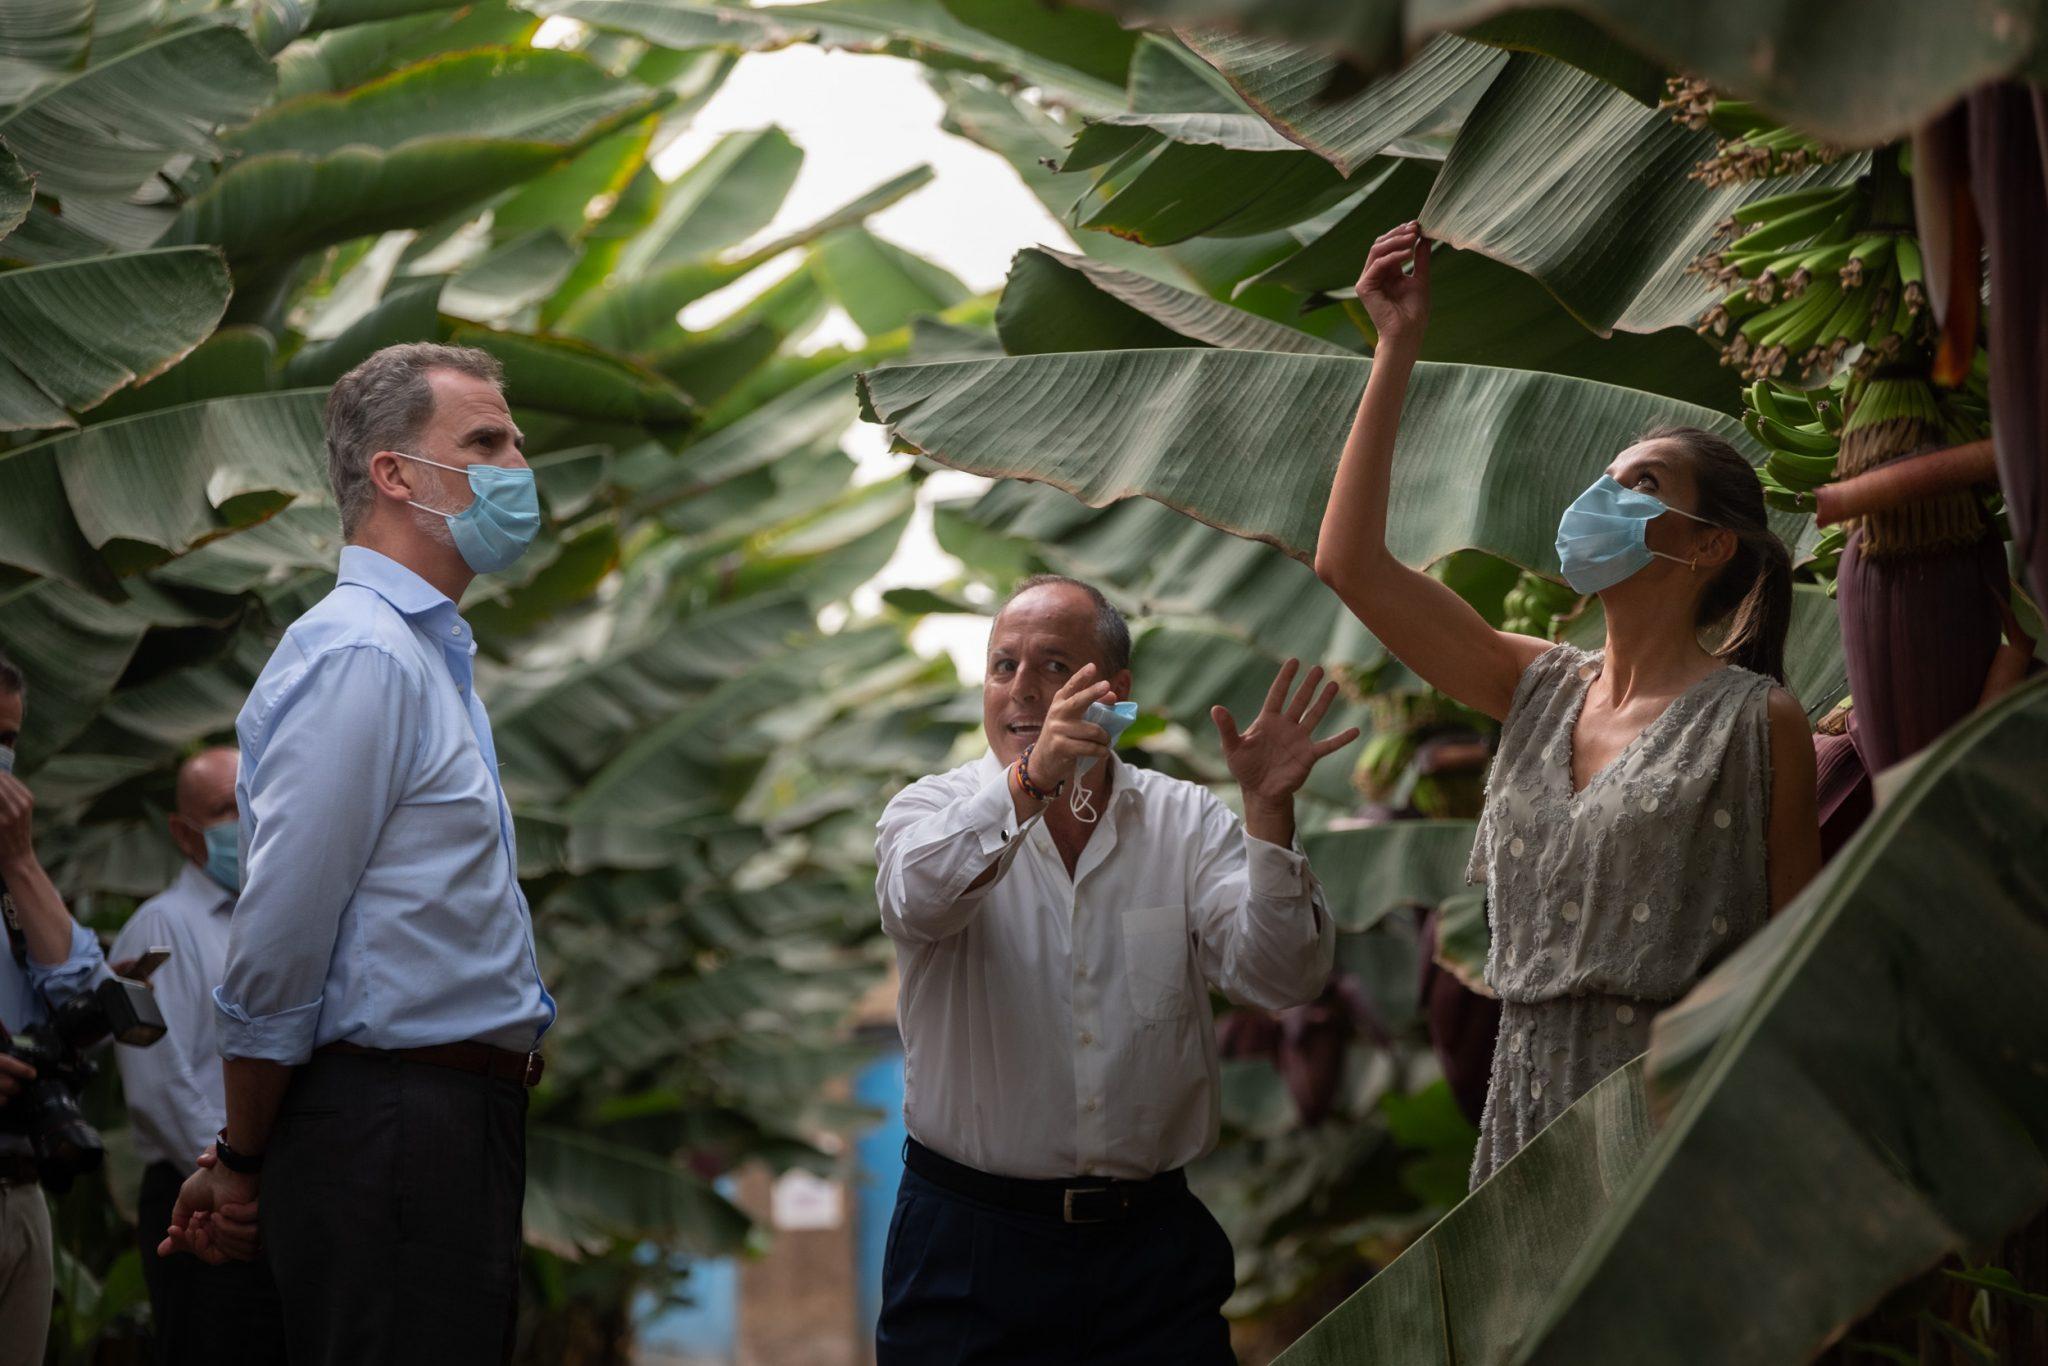 Los reyes Felipe VI y Letizia resaltaron ayer, en la finca El Confital en Granadilla de Abona, el valor de la agricultura canaria. FOTO: FRAN PALLERO